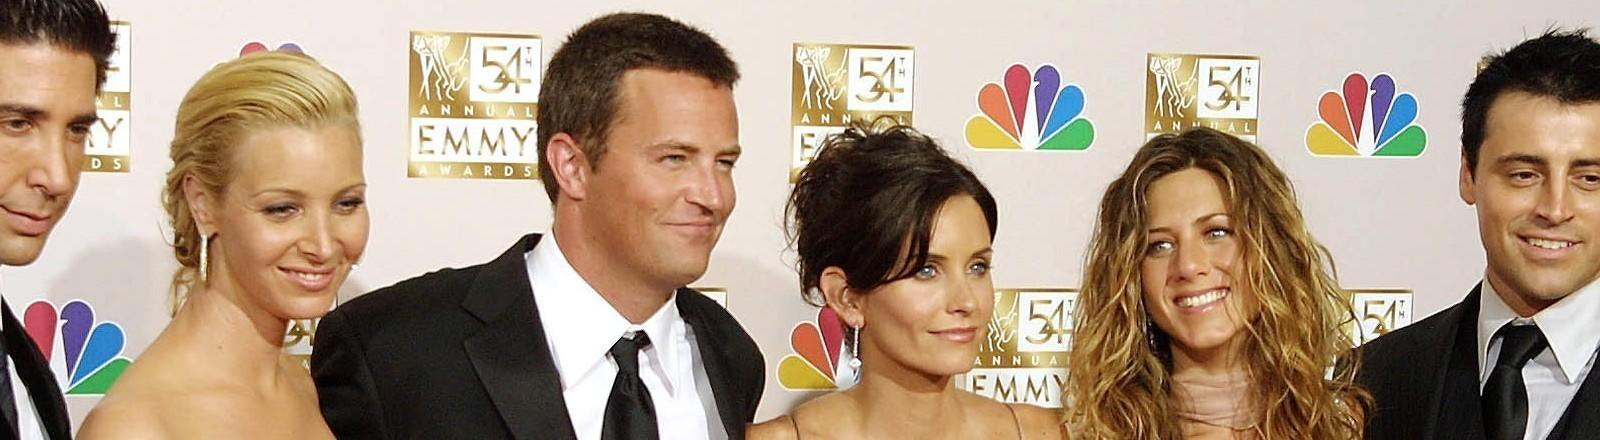 Zu sehen sind die zwei Schauspielerinnen Jennifer Aniston und Courteney Cox sowie der Schauspieler Matthew Perry.